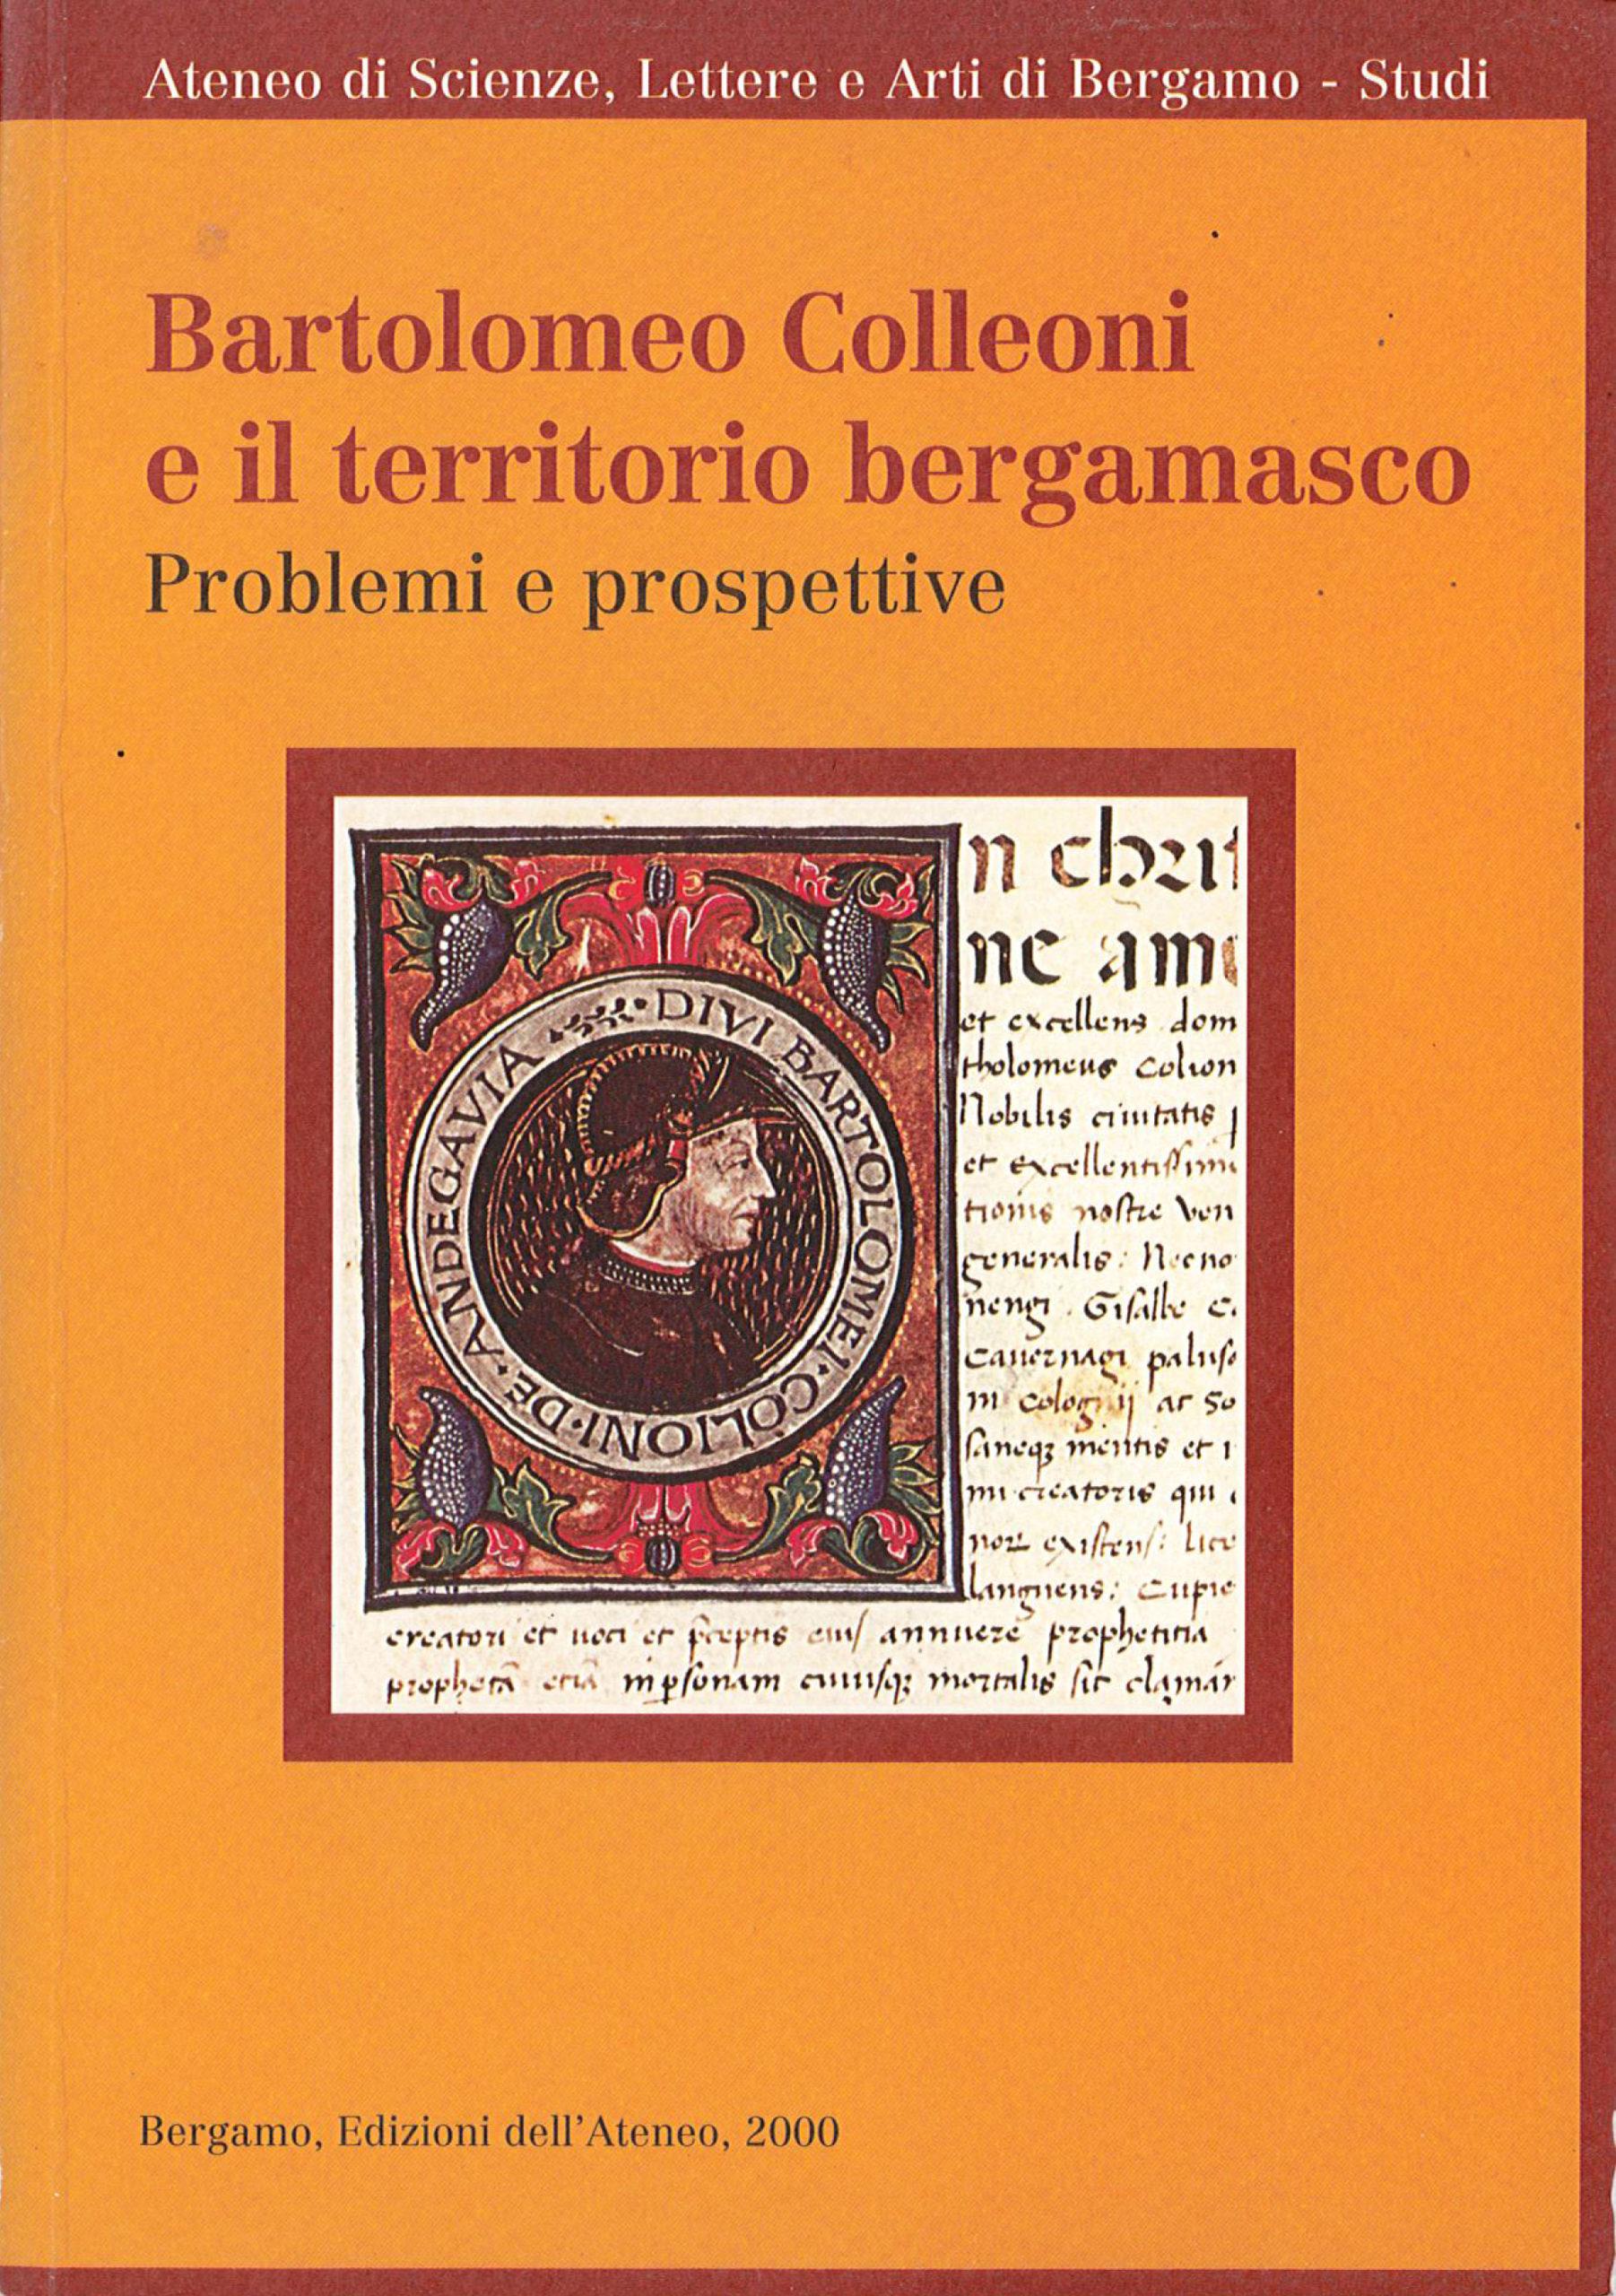 Pubblicazioni - Bartolomeo Colleoni e il territorio bergamasco - oberti+oberti   architetti